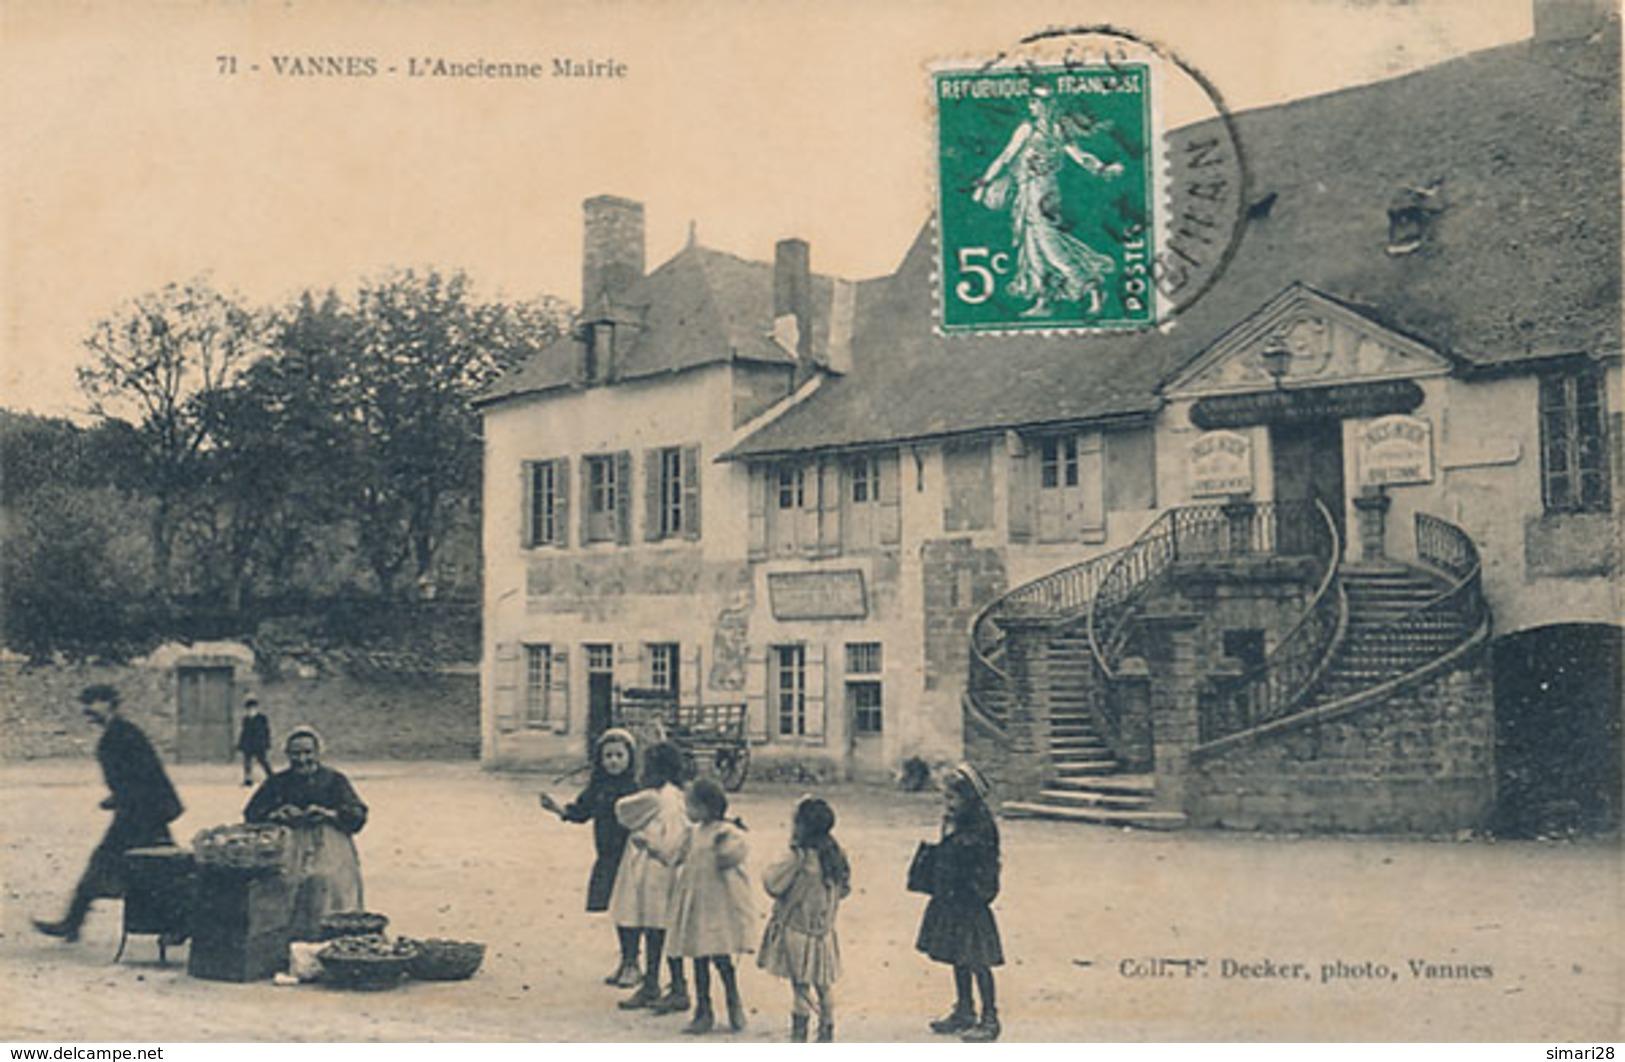 VANNES - N° 71 - L'ANCIENNE MAIRIE - Vannes